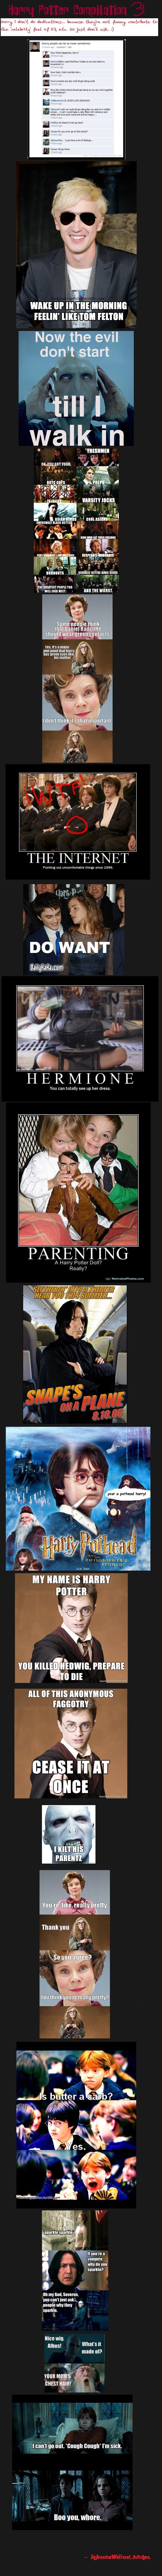 Harry Potter Comp Part 3. Part 1: /funny_pictures/617360/Harry+Potter+C... /> Part 2: funnyjunk.com/funny_pictures/620080/Harr y+Potter+Comp+Part+2/ <br / Harry Potter compilation